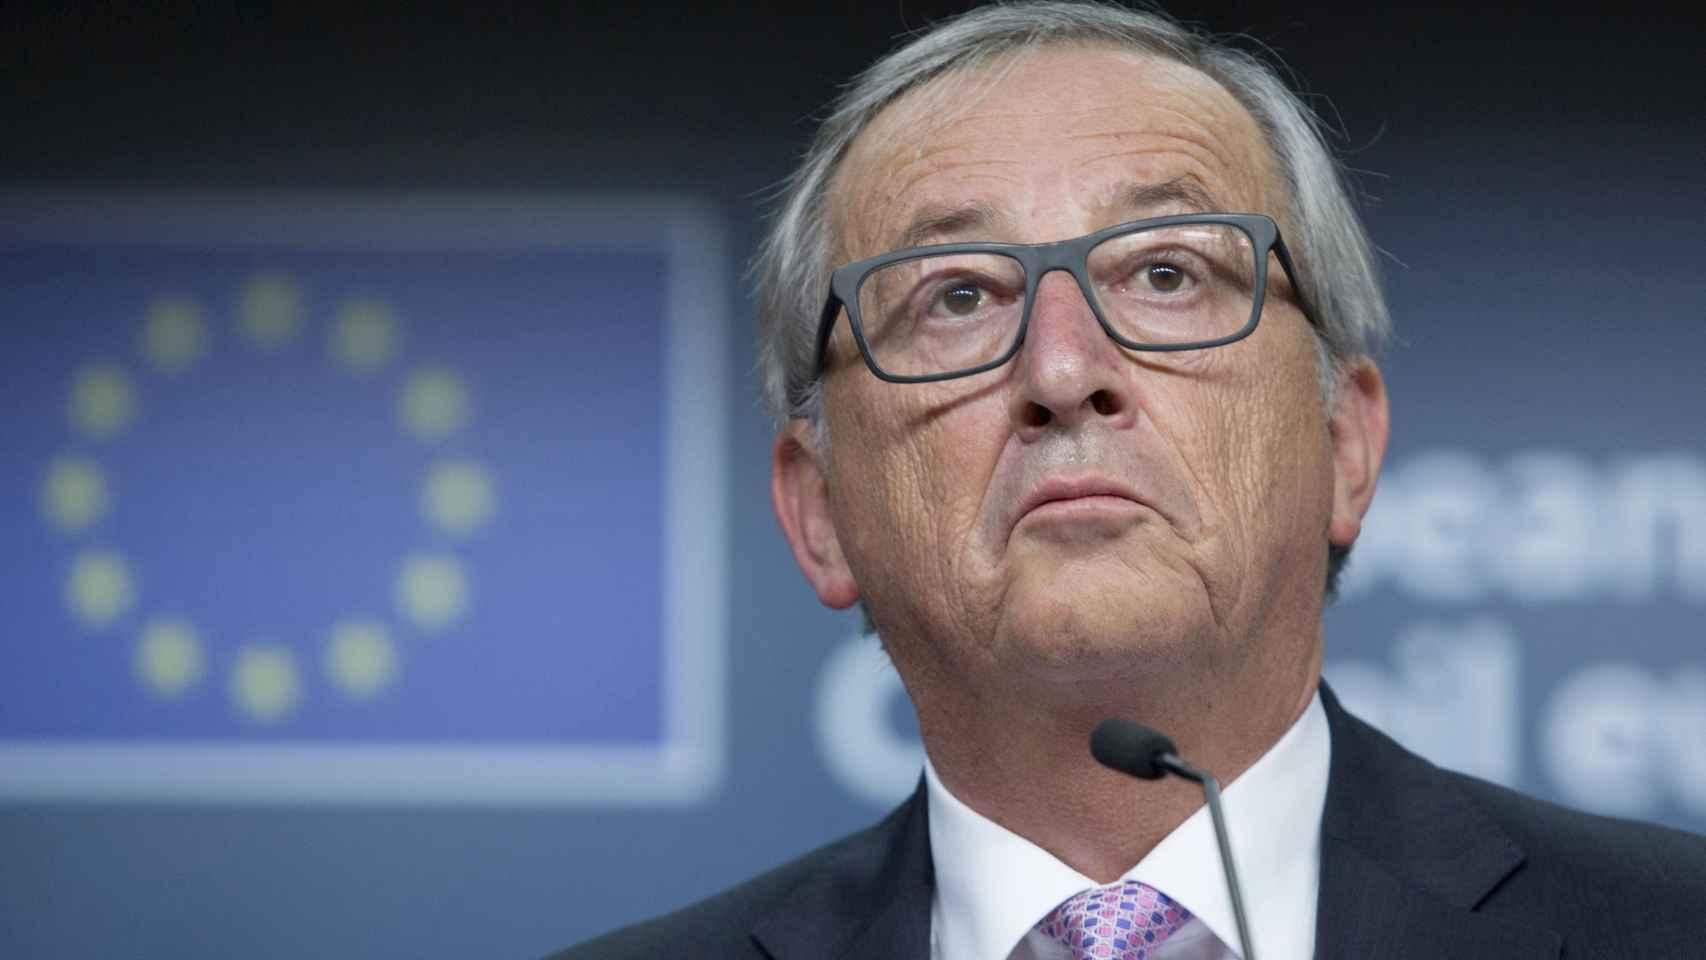 El presidente de la Comisión Europea, Jean Claude Juncker, tras la reunión de líderes europeos. / REUTERS